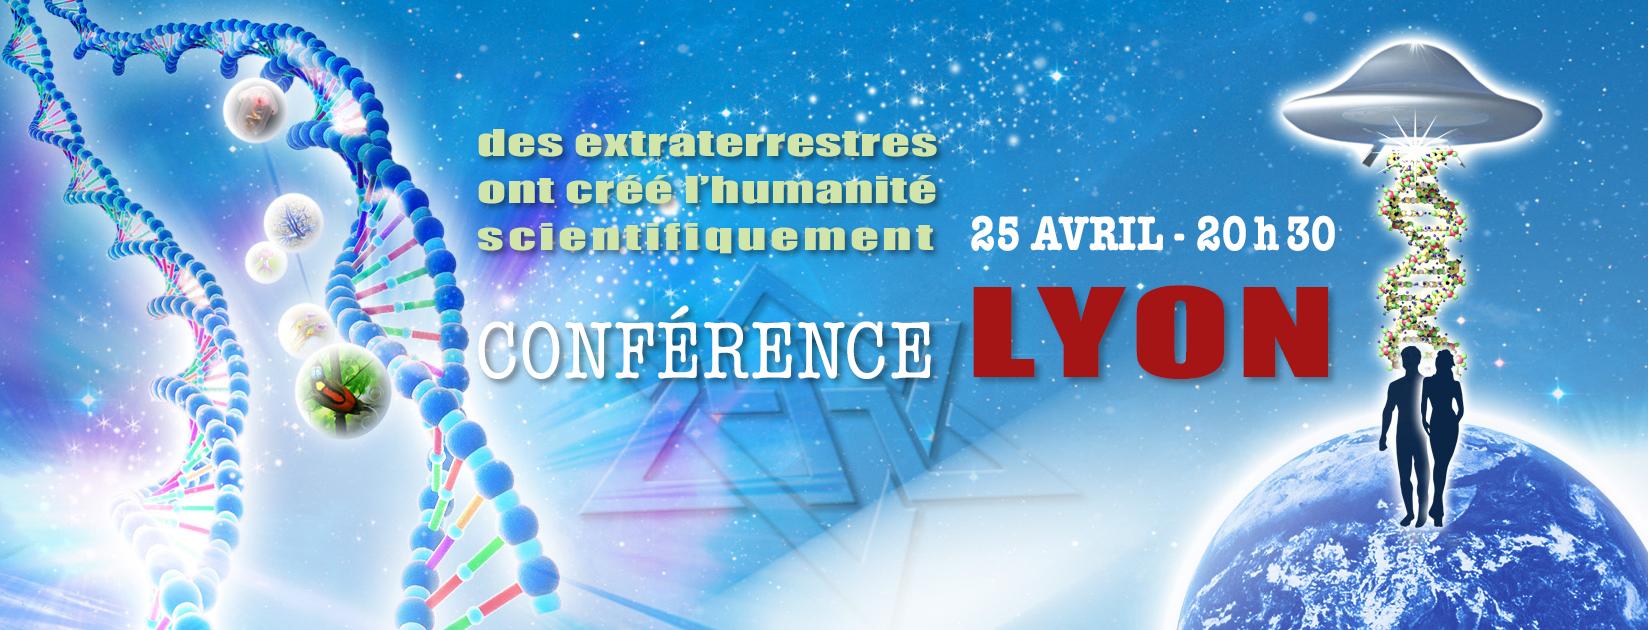 conference-à-lyon